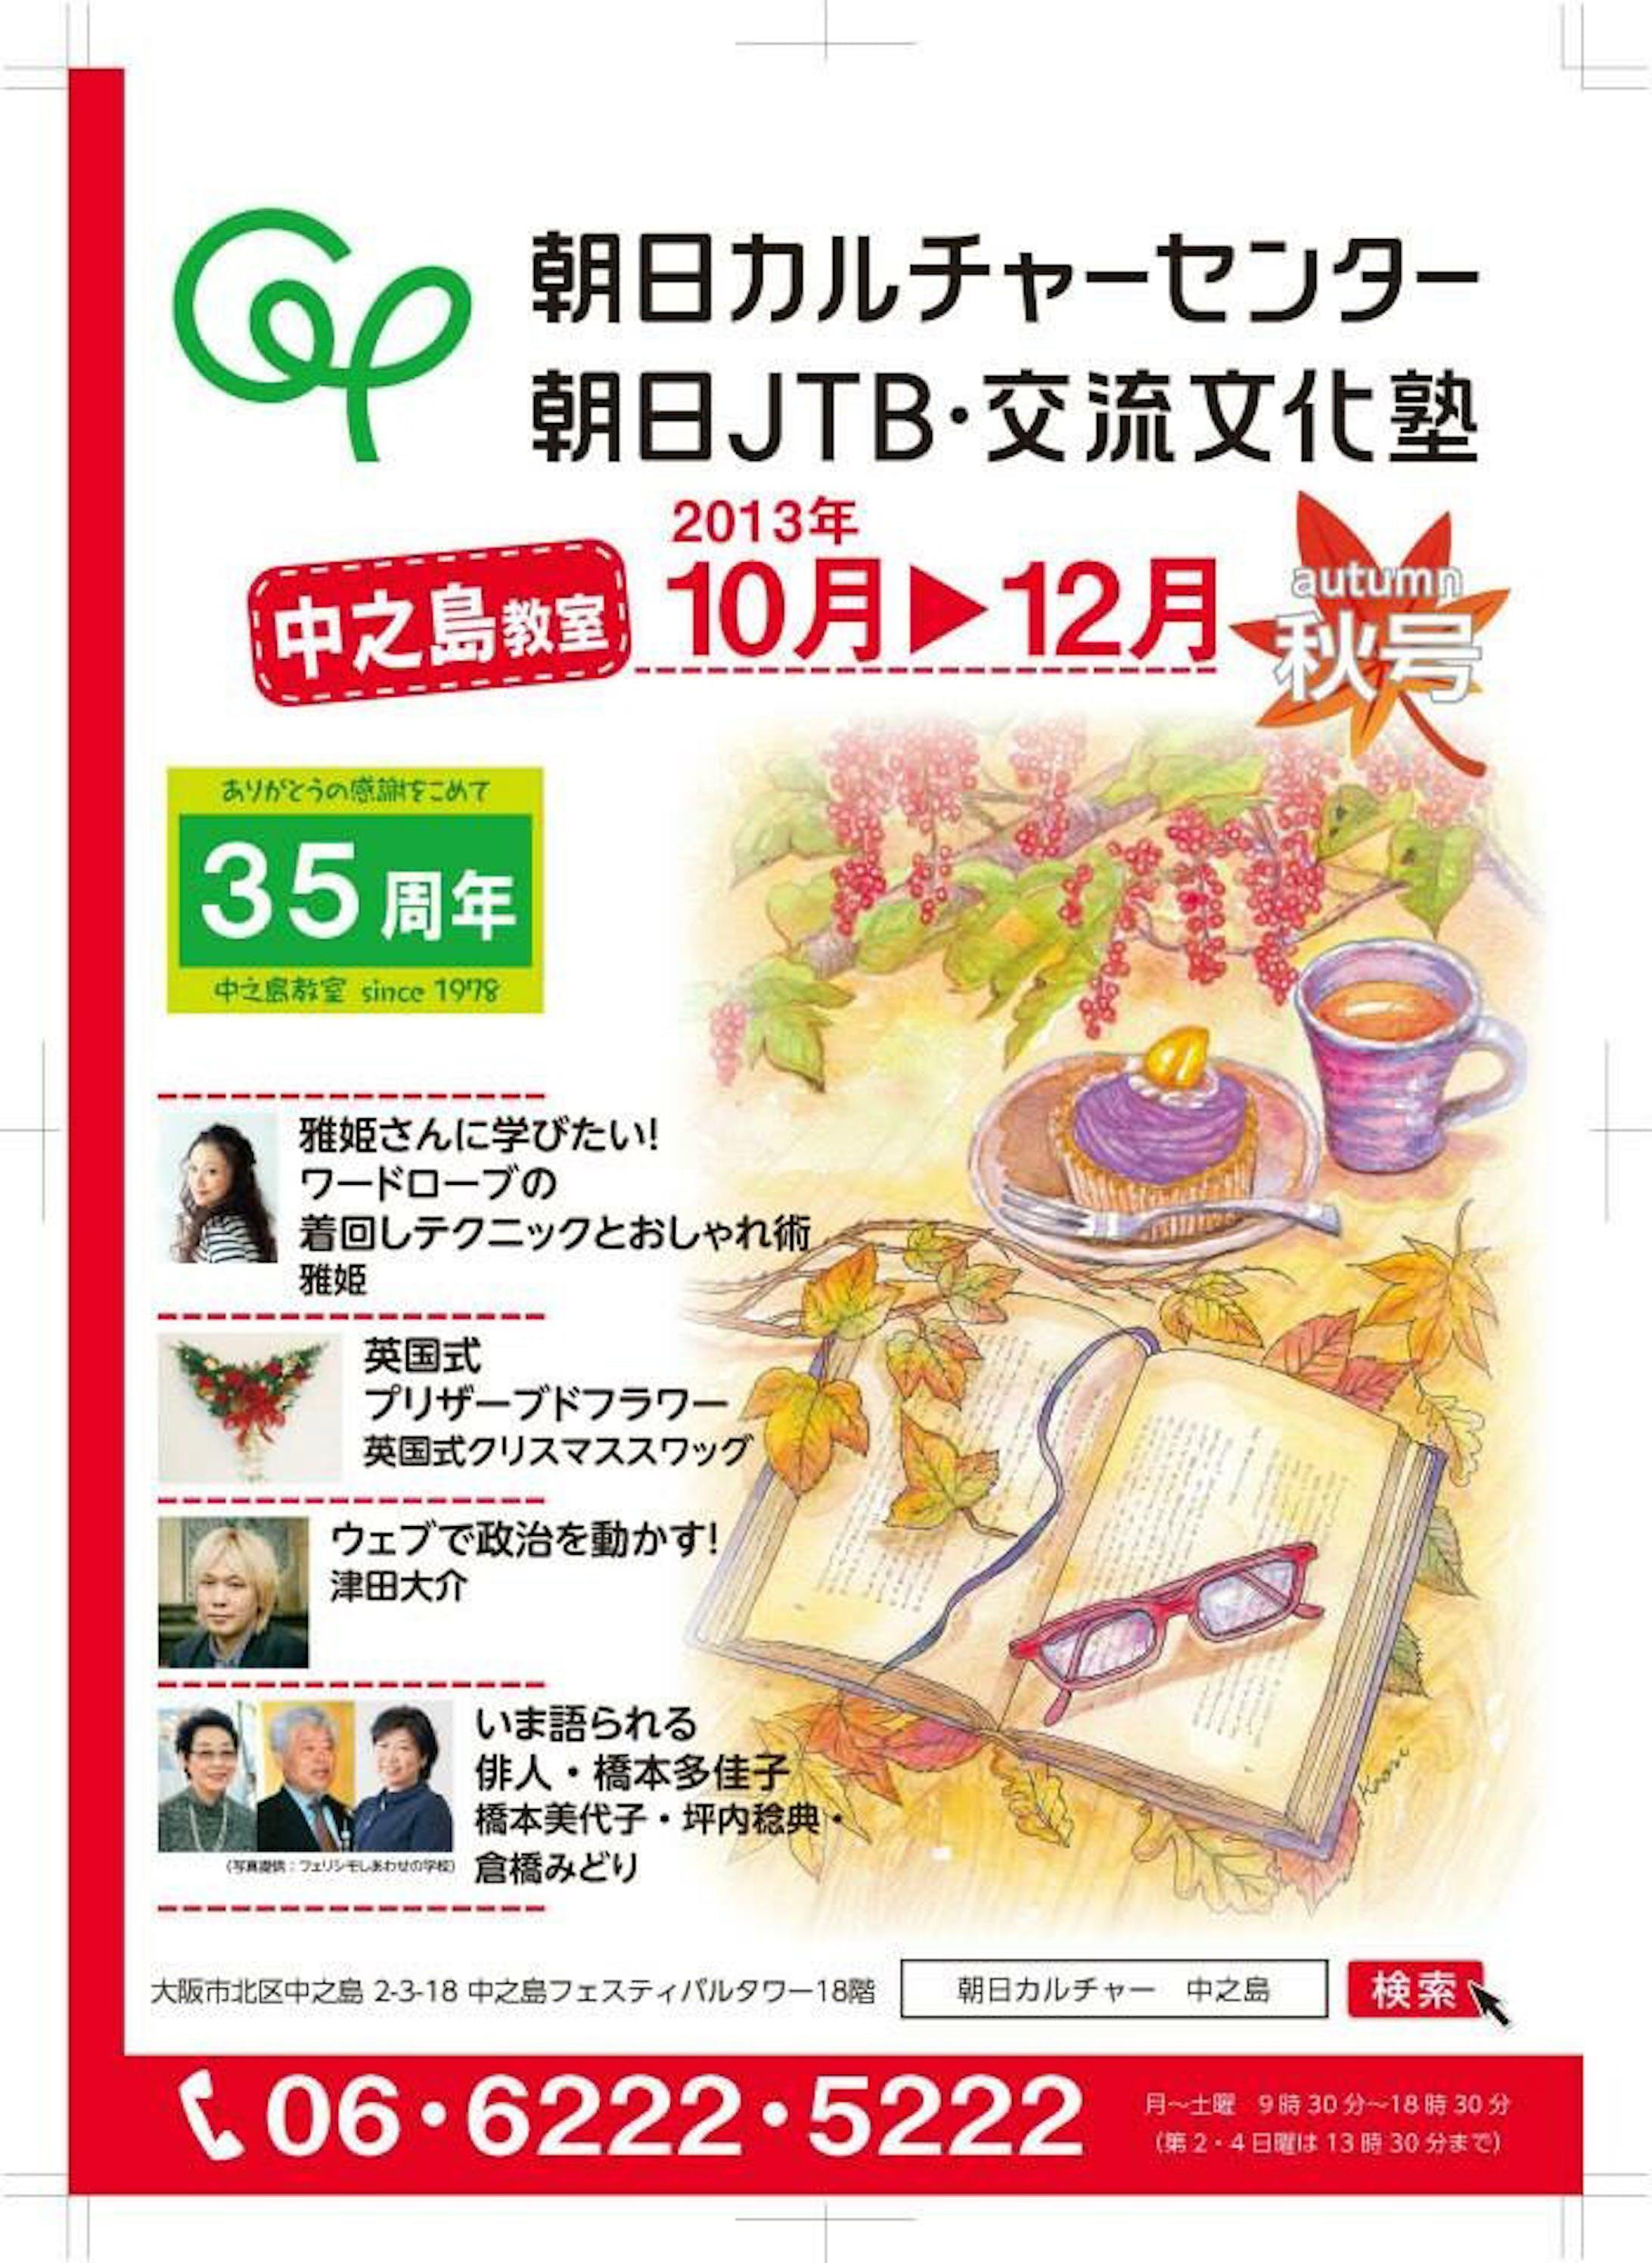 【朝日カルチャーセンター パンフレット表紙イラスト】-3